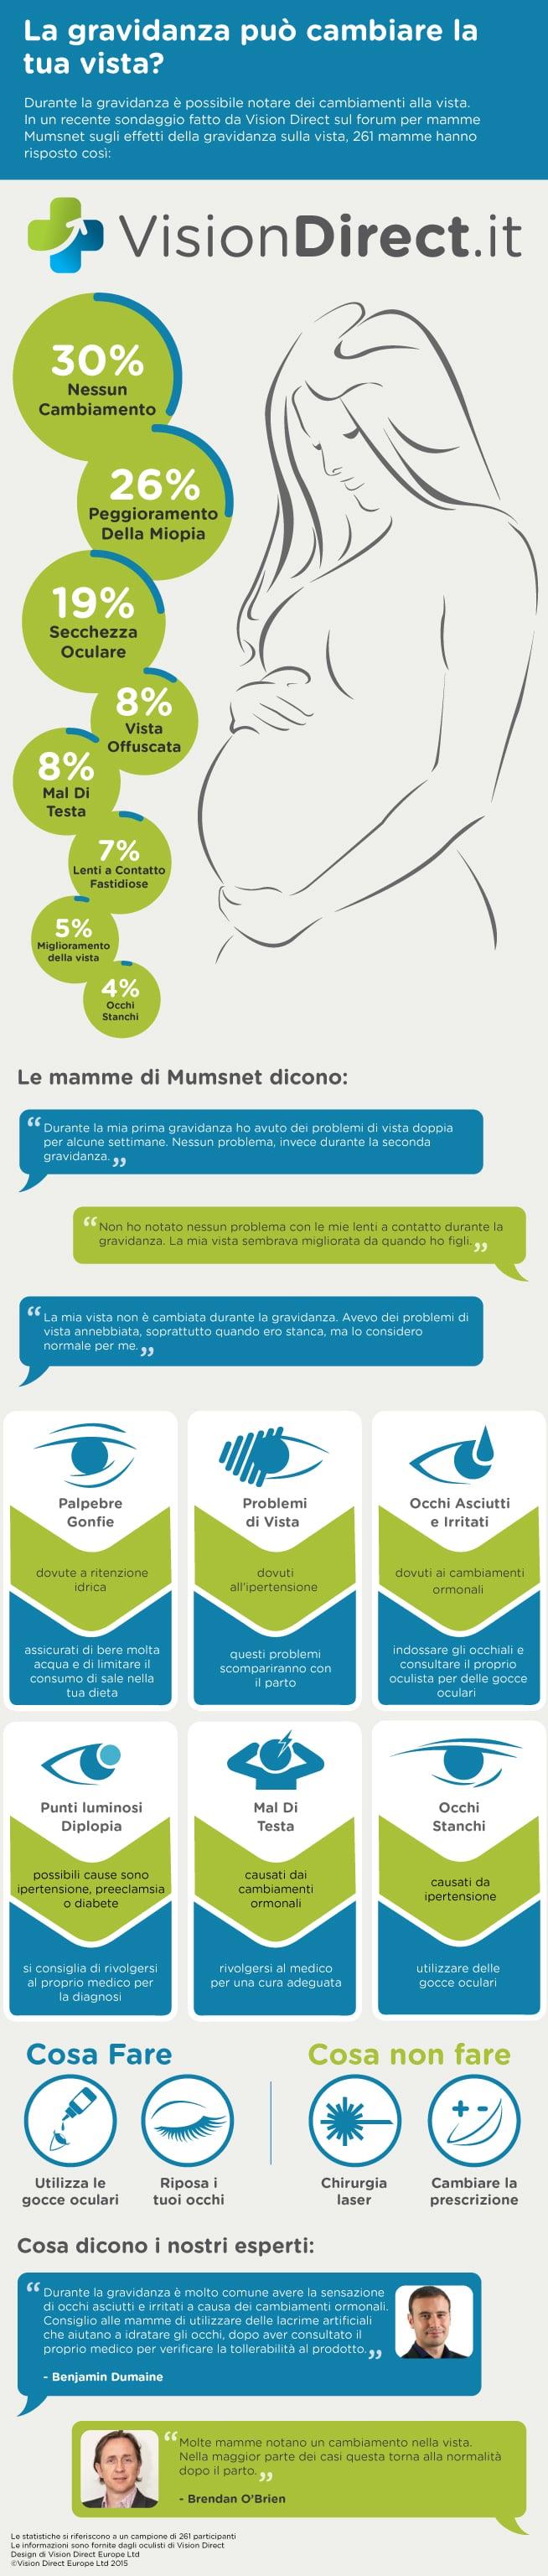 Infografica gravidanza e vista